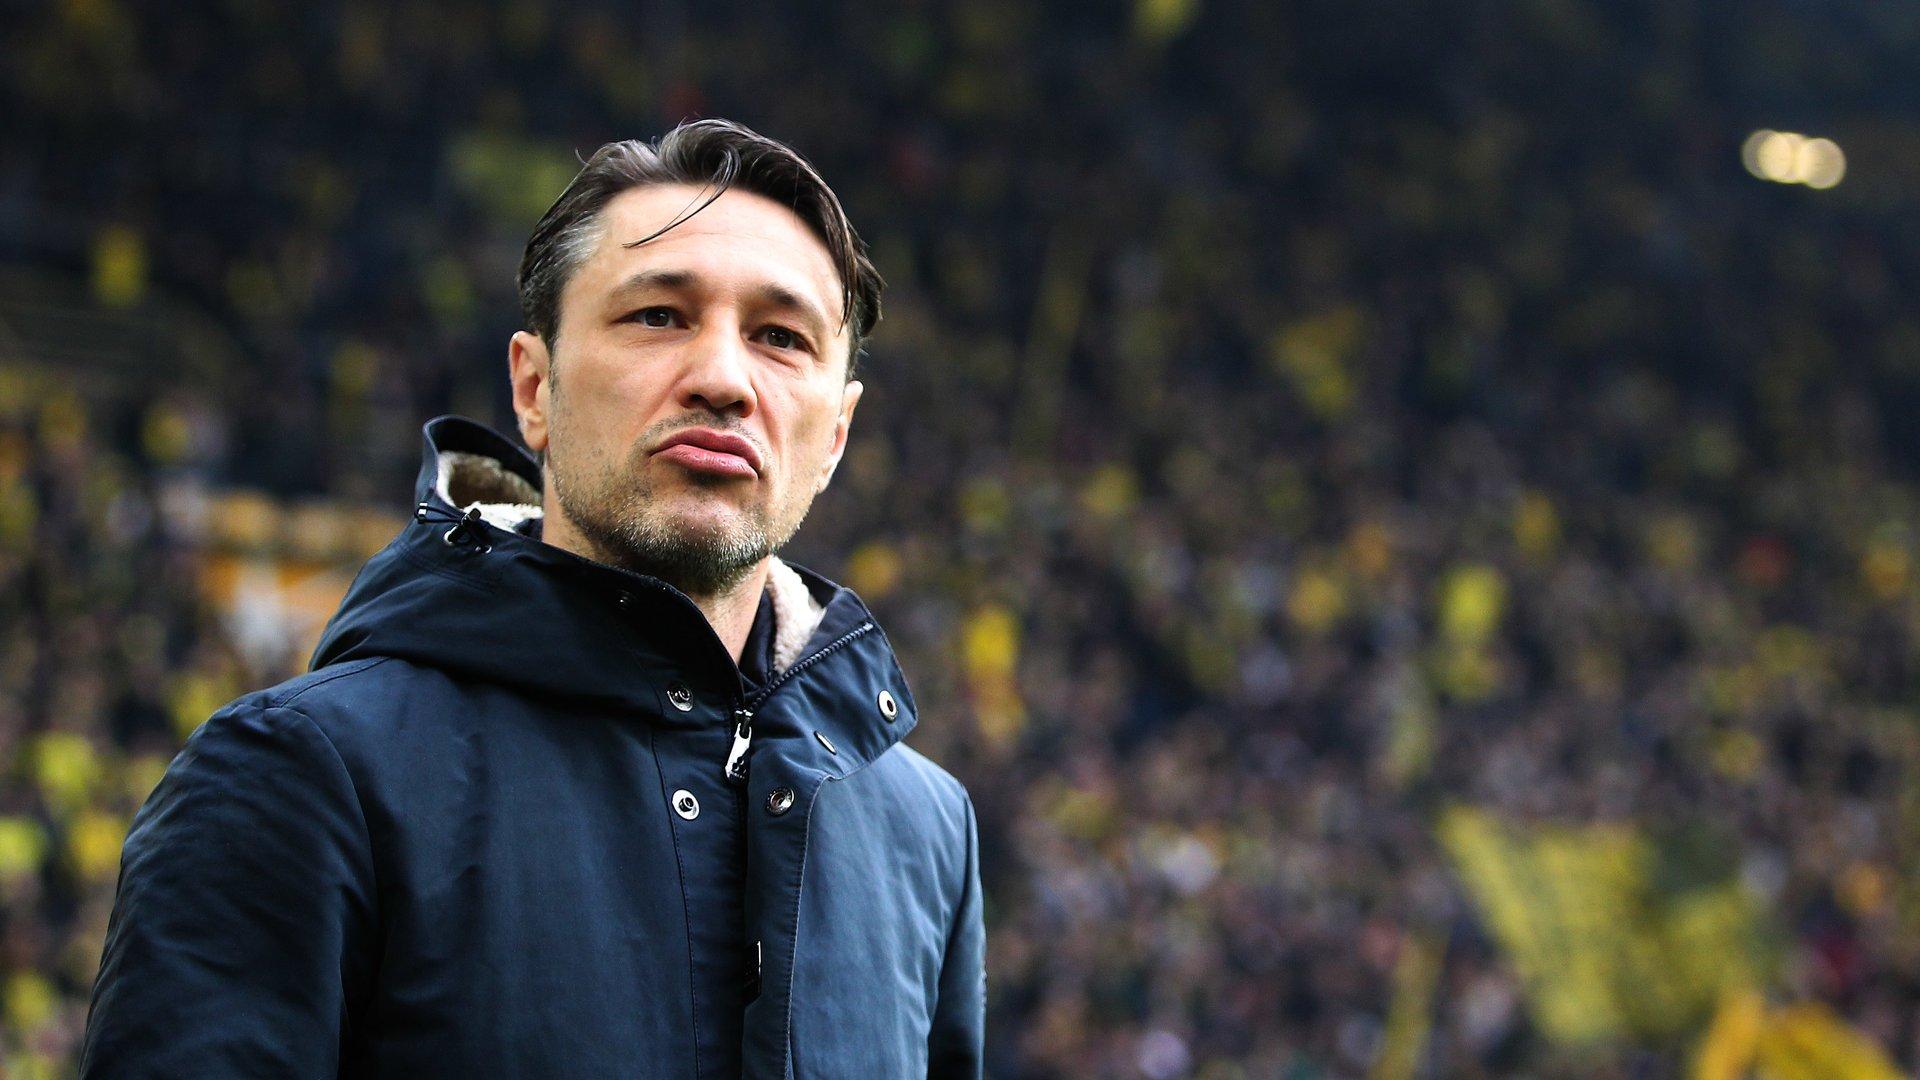 """Niko Kovac """"Tuchel a montré qu'il était un bon entraîneur...je suis sûr qu'il va s'en sortir"""""""